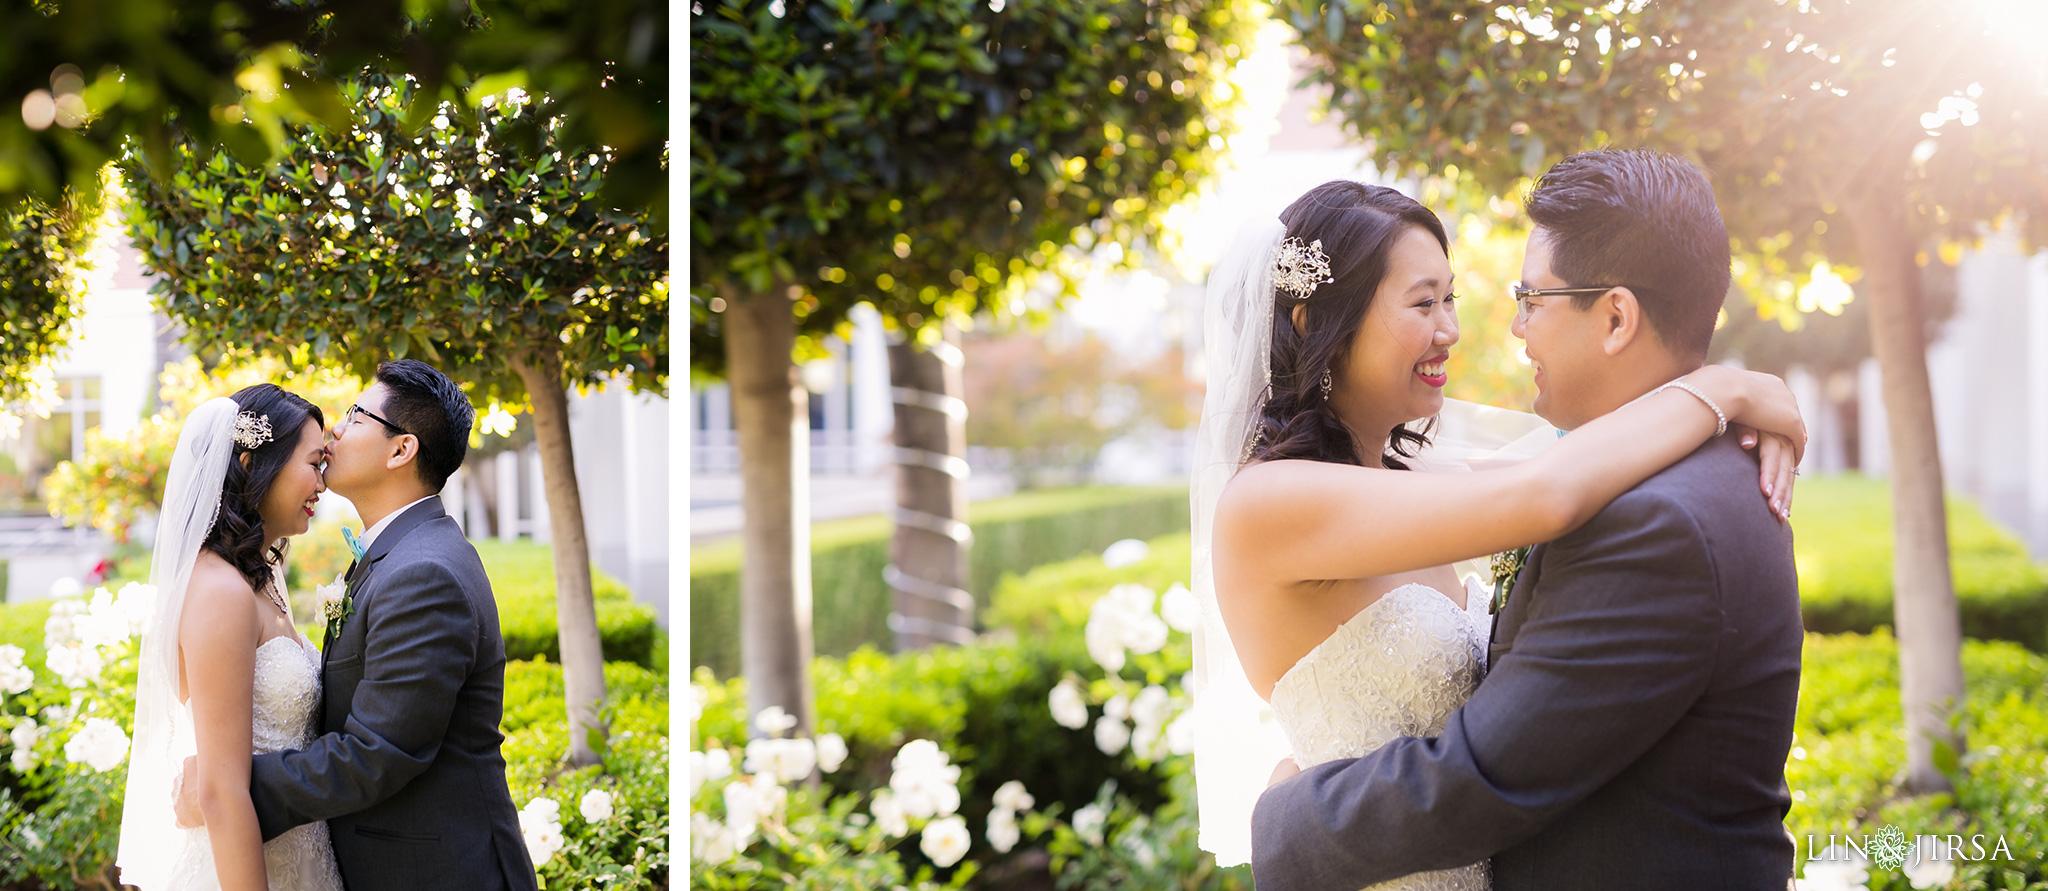 25-richard-nixon-libary-wedding-photography